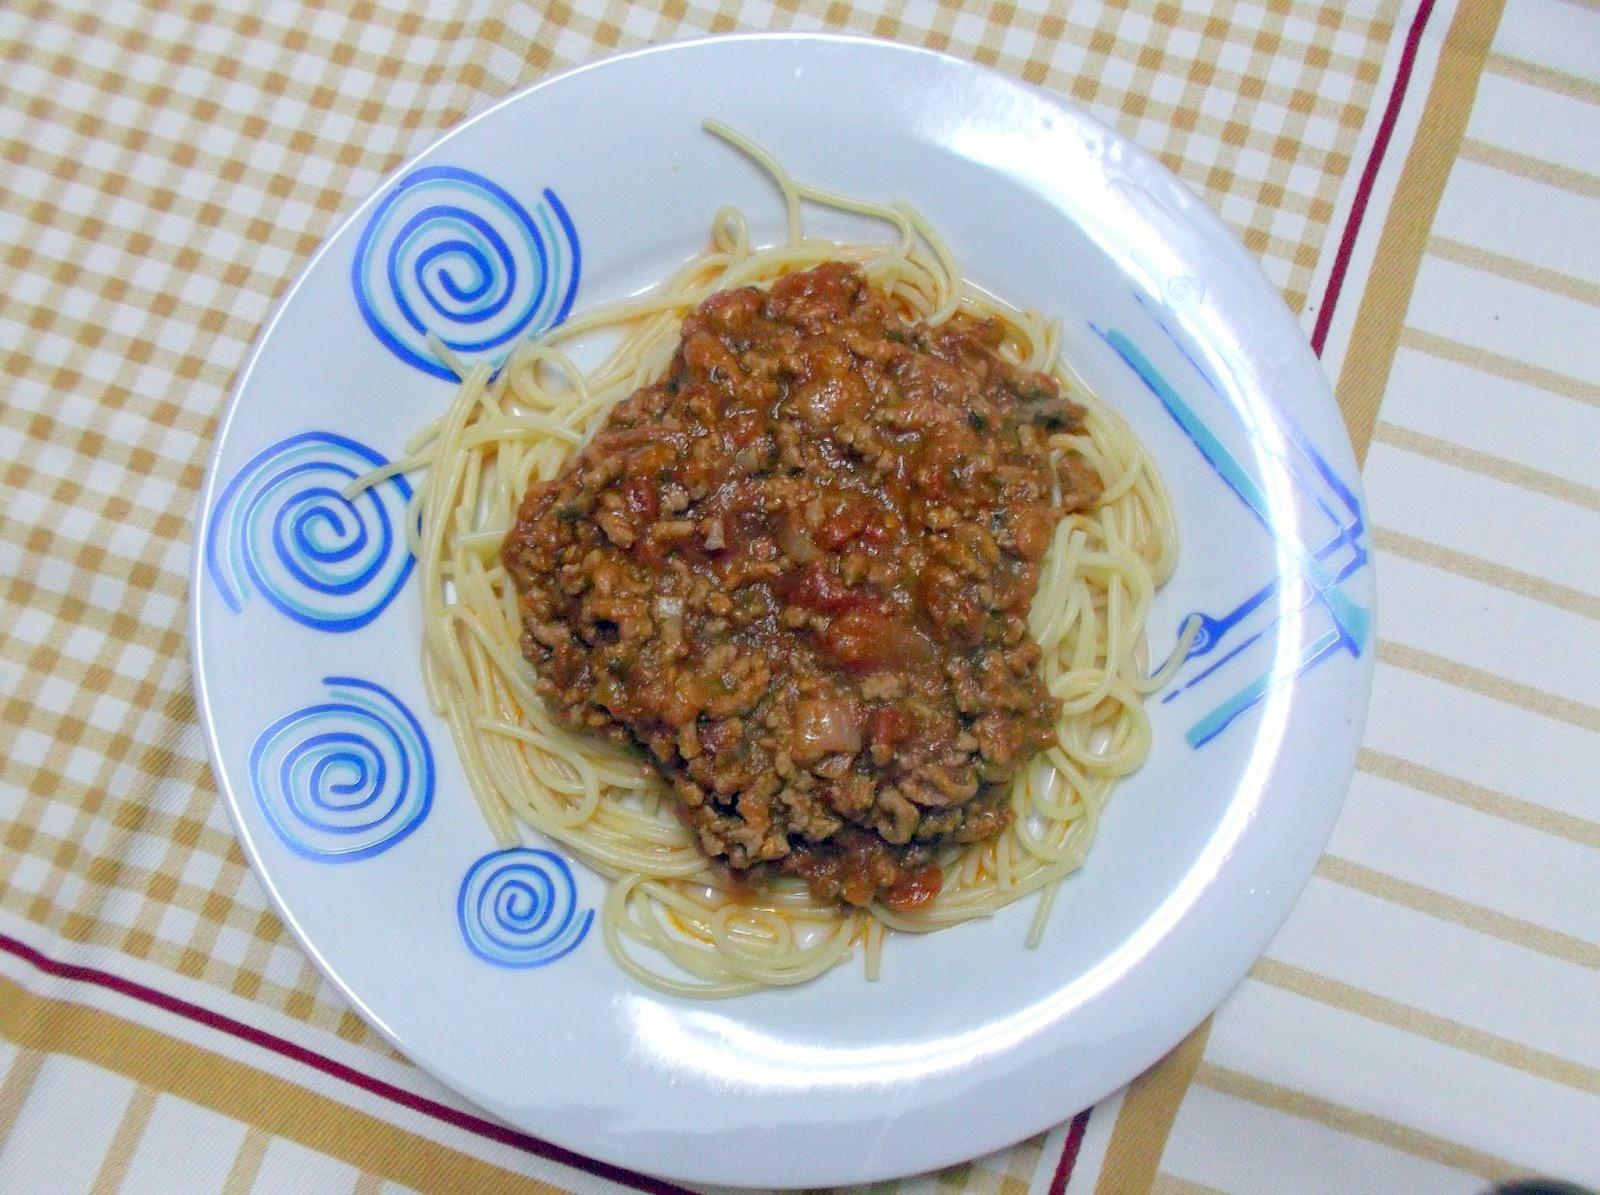 Esparguete-a-Bolonhesa